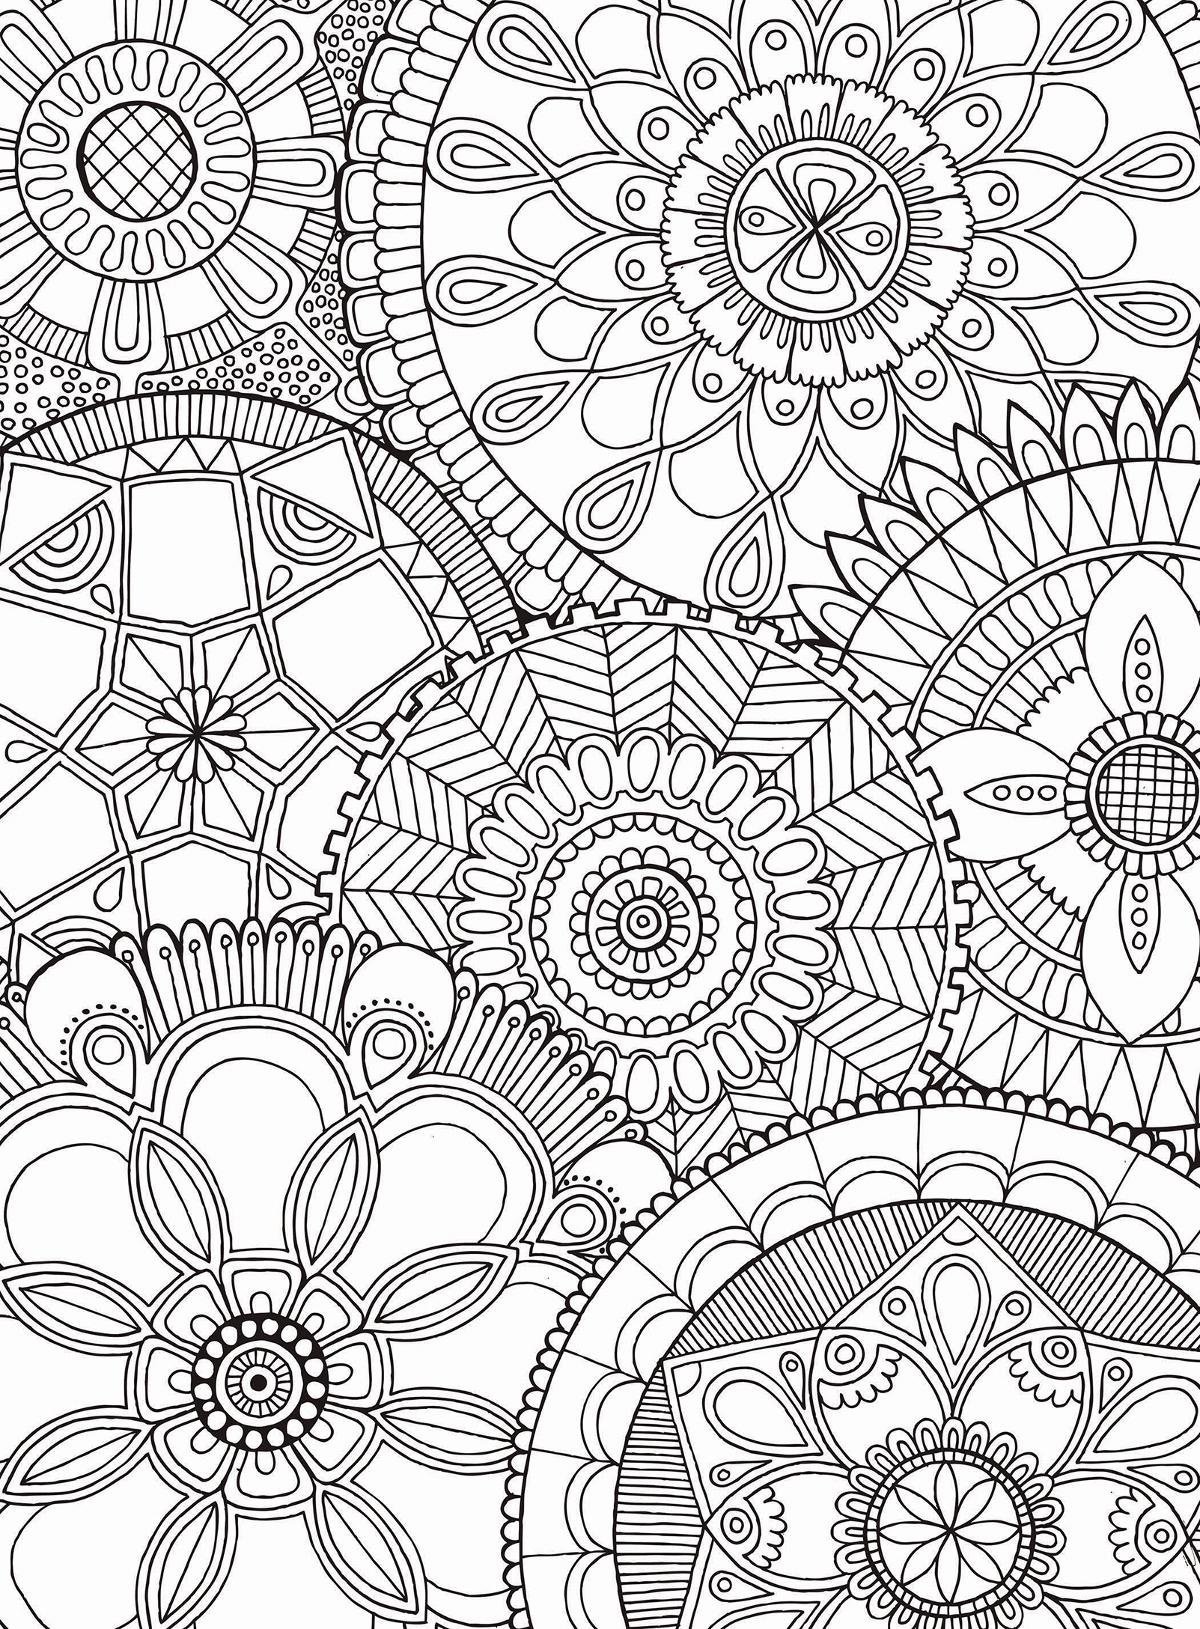 Mandala Collage Jigsaw Puzzle